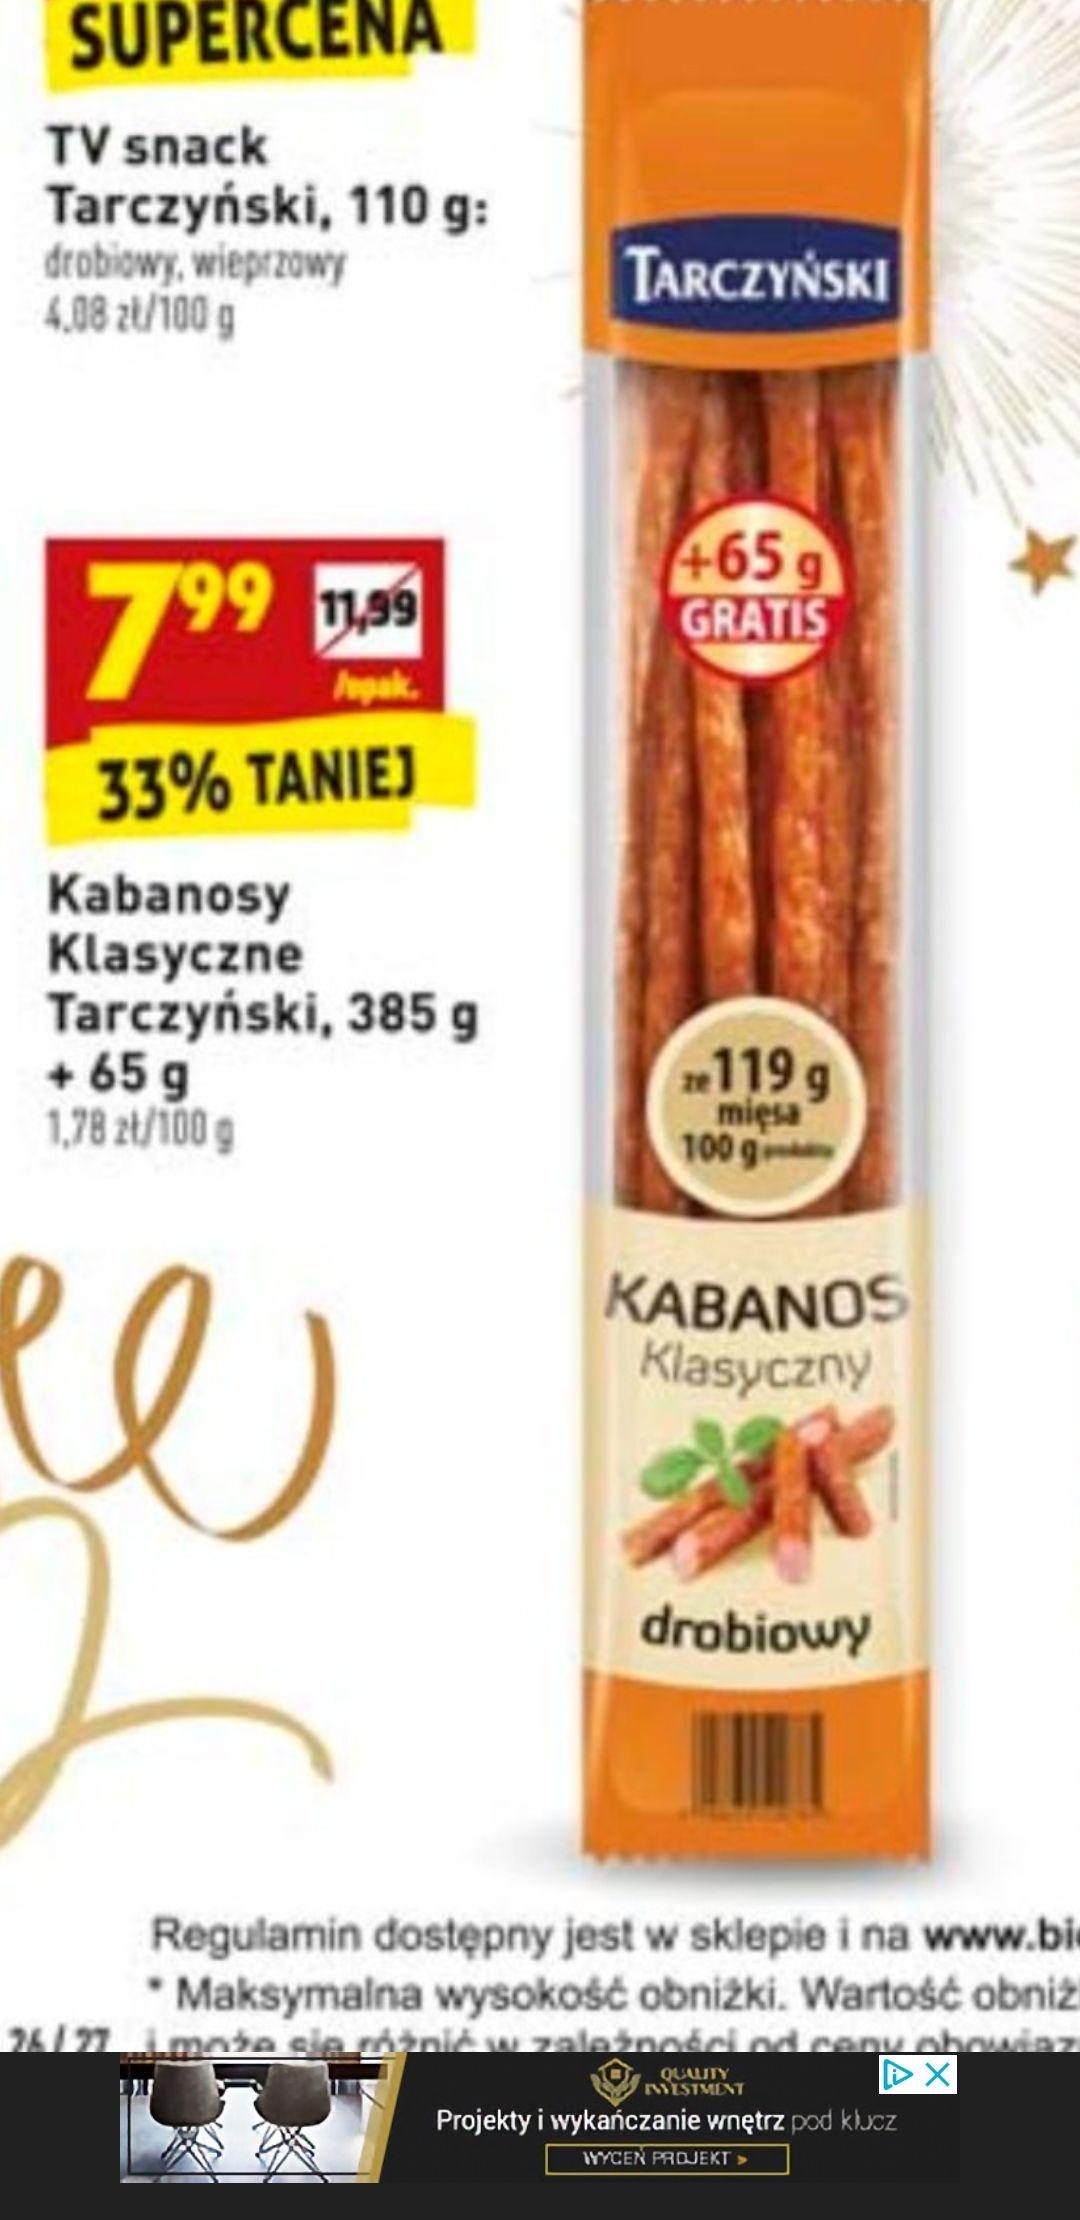 Kabanosy TARCZYŃSKI 450g (drobiowe, wieprzowe) - Biedronka